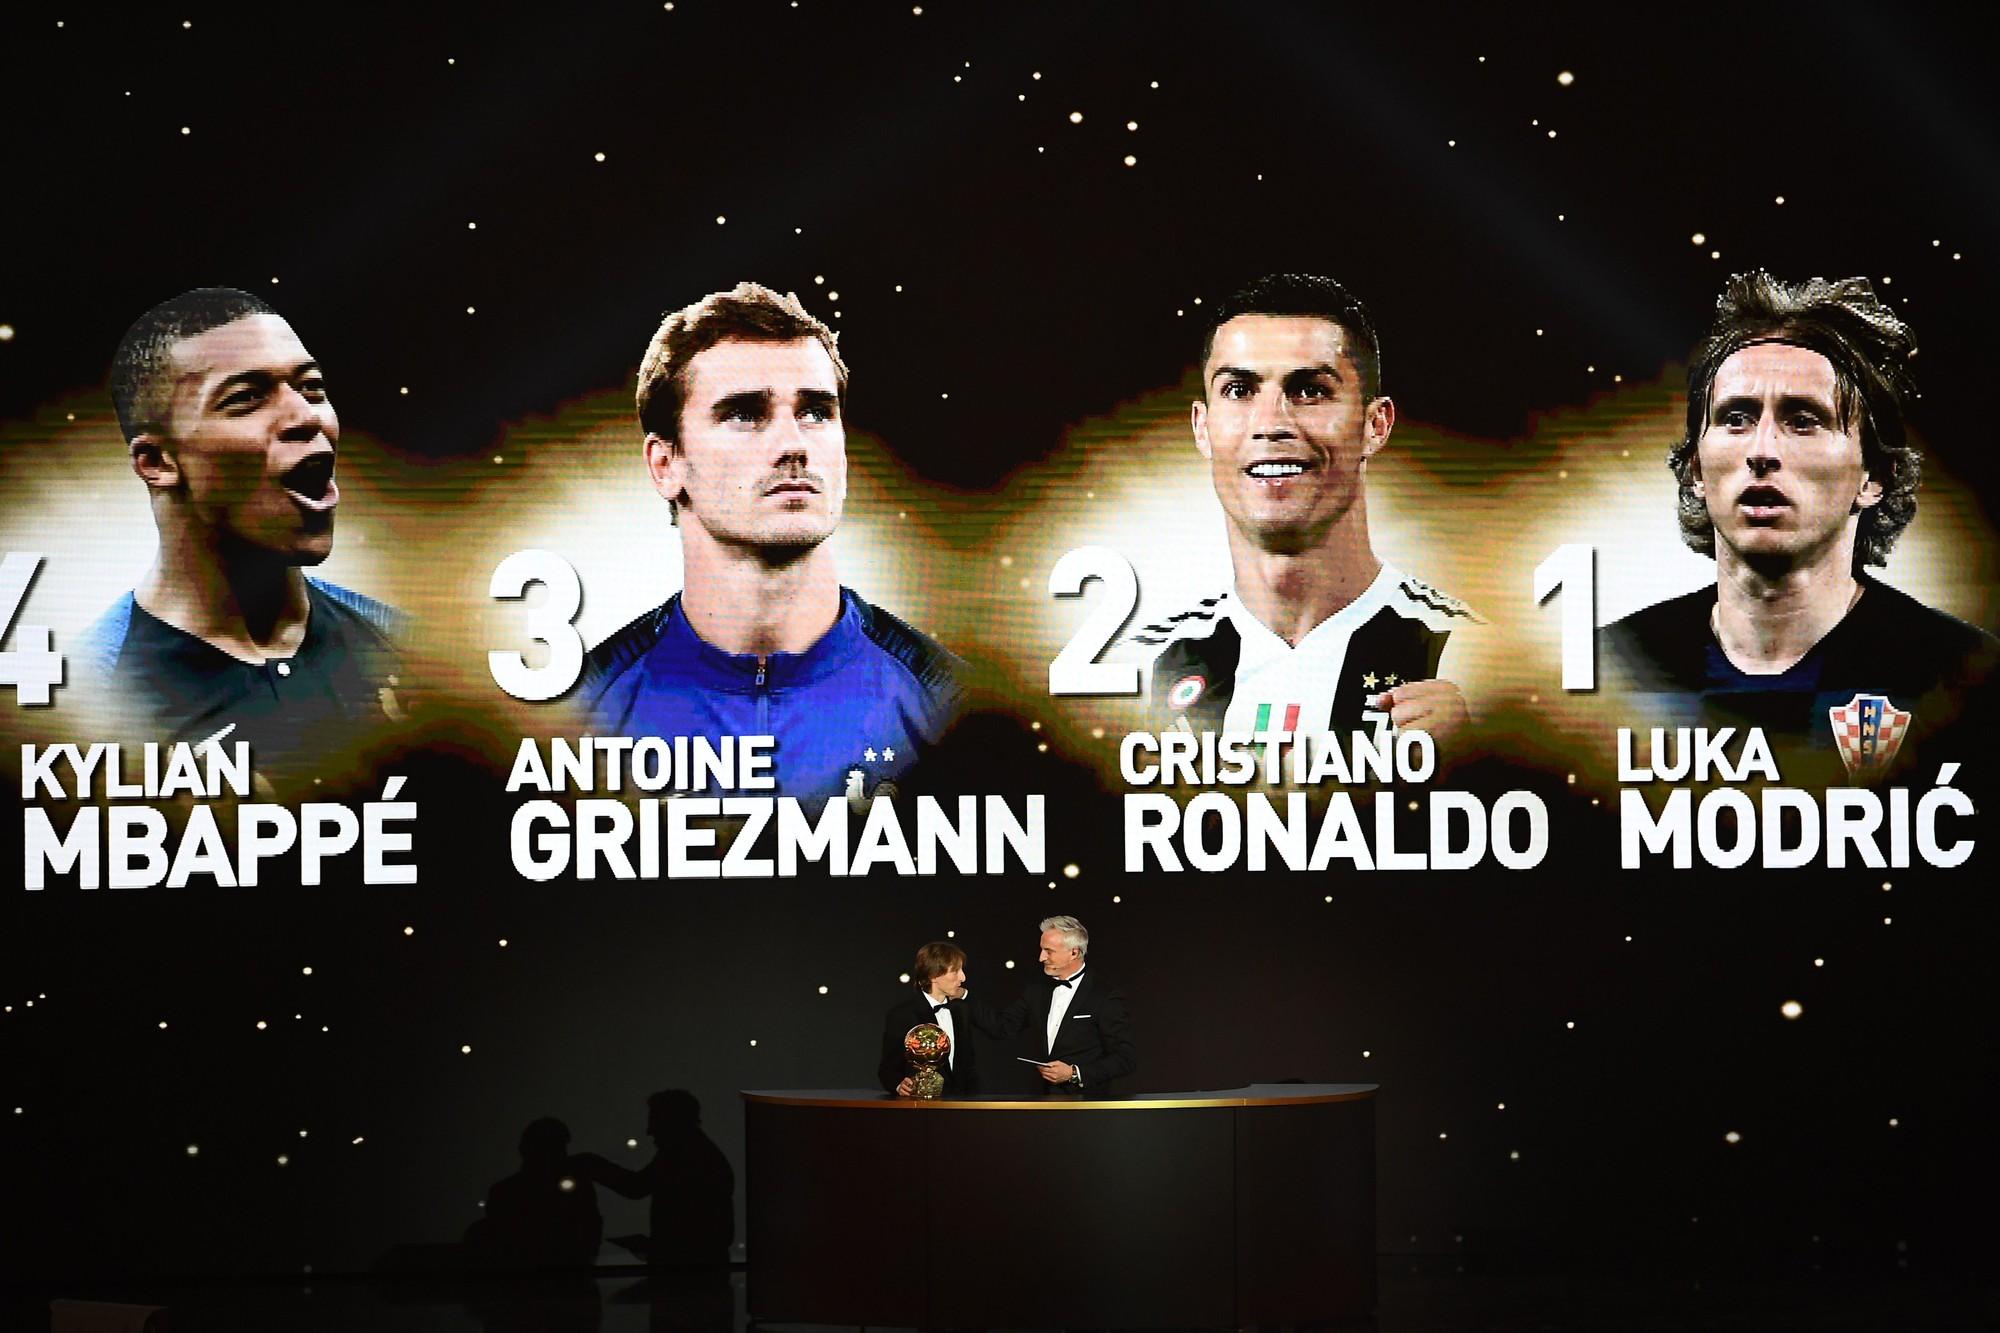 Sự thống trị của Ronaldo - Messi đã chấm dứt, Quả bóng vàng 2018 thuộc về Modric - Ảnh 4.